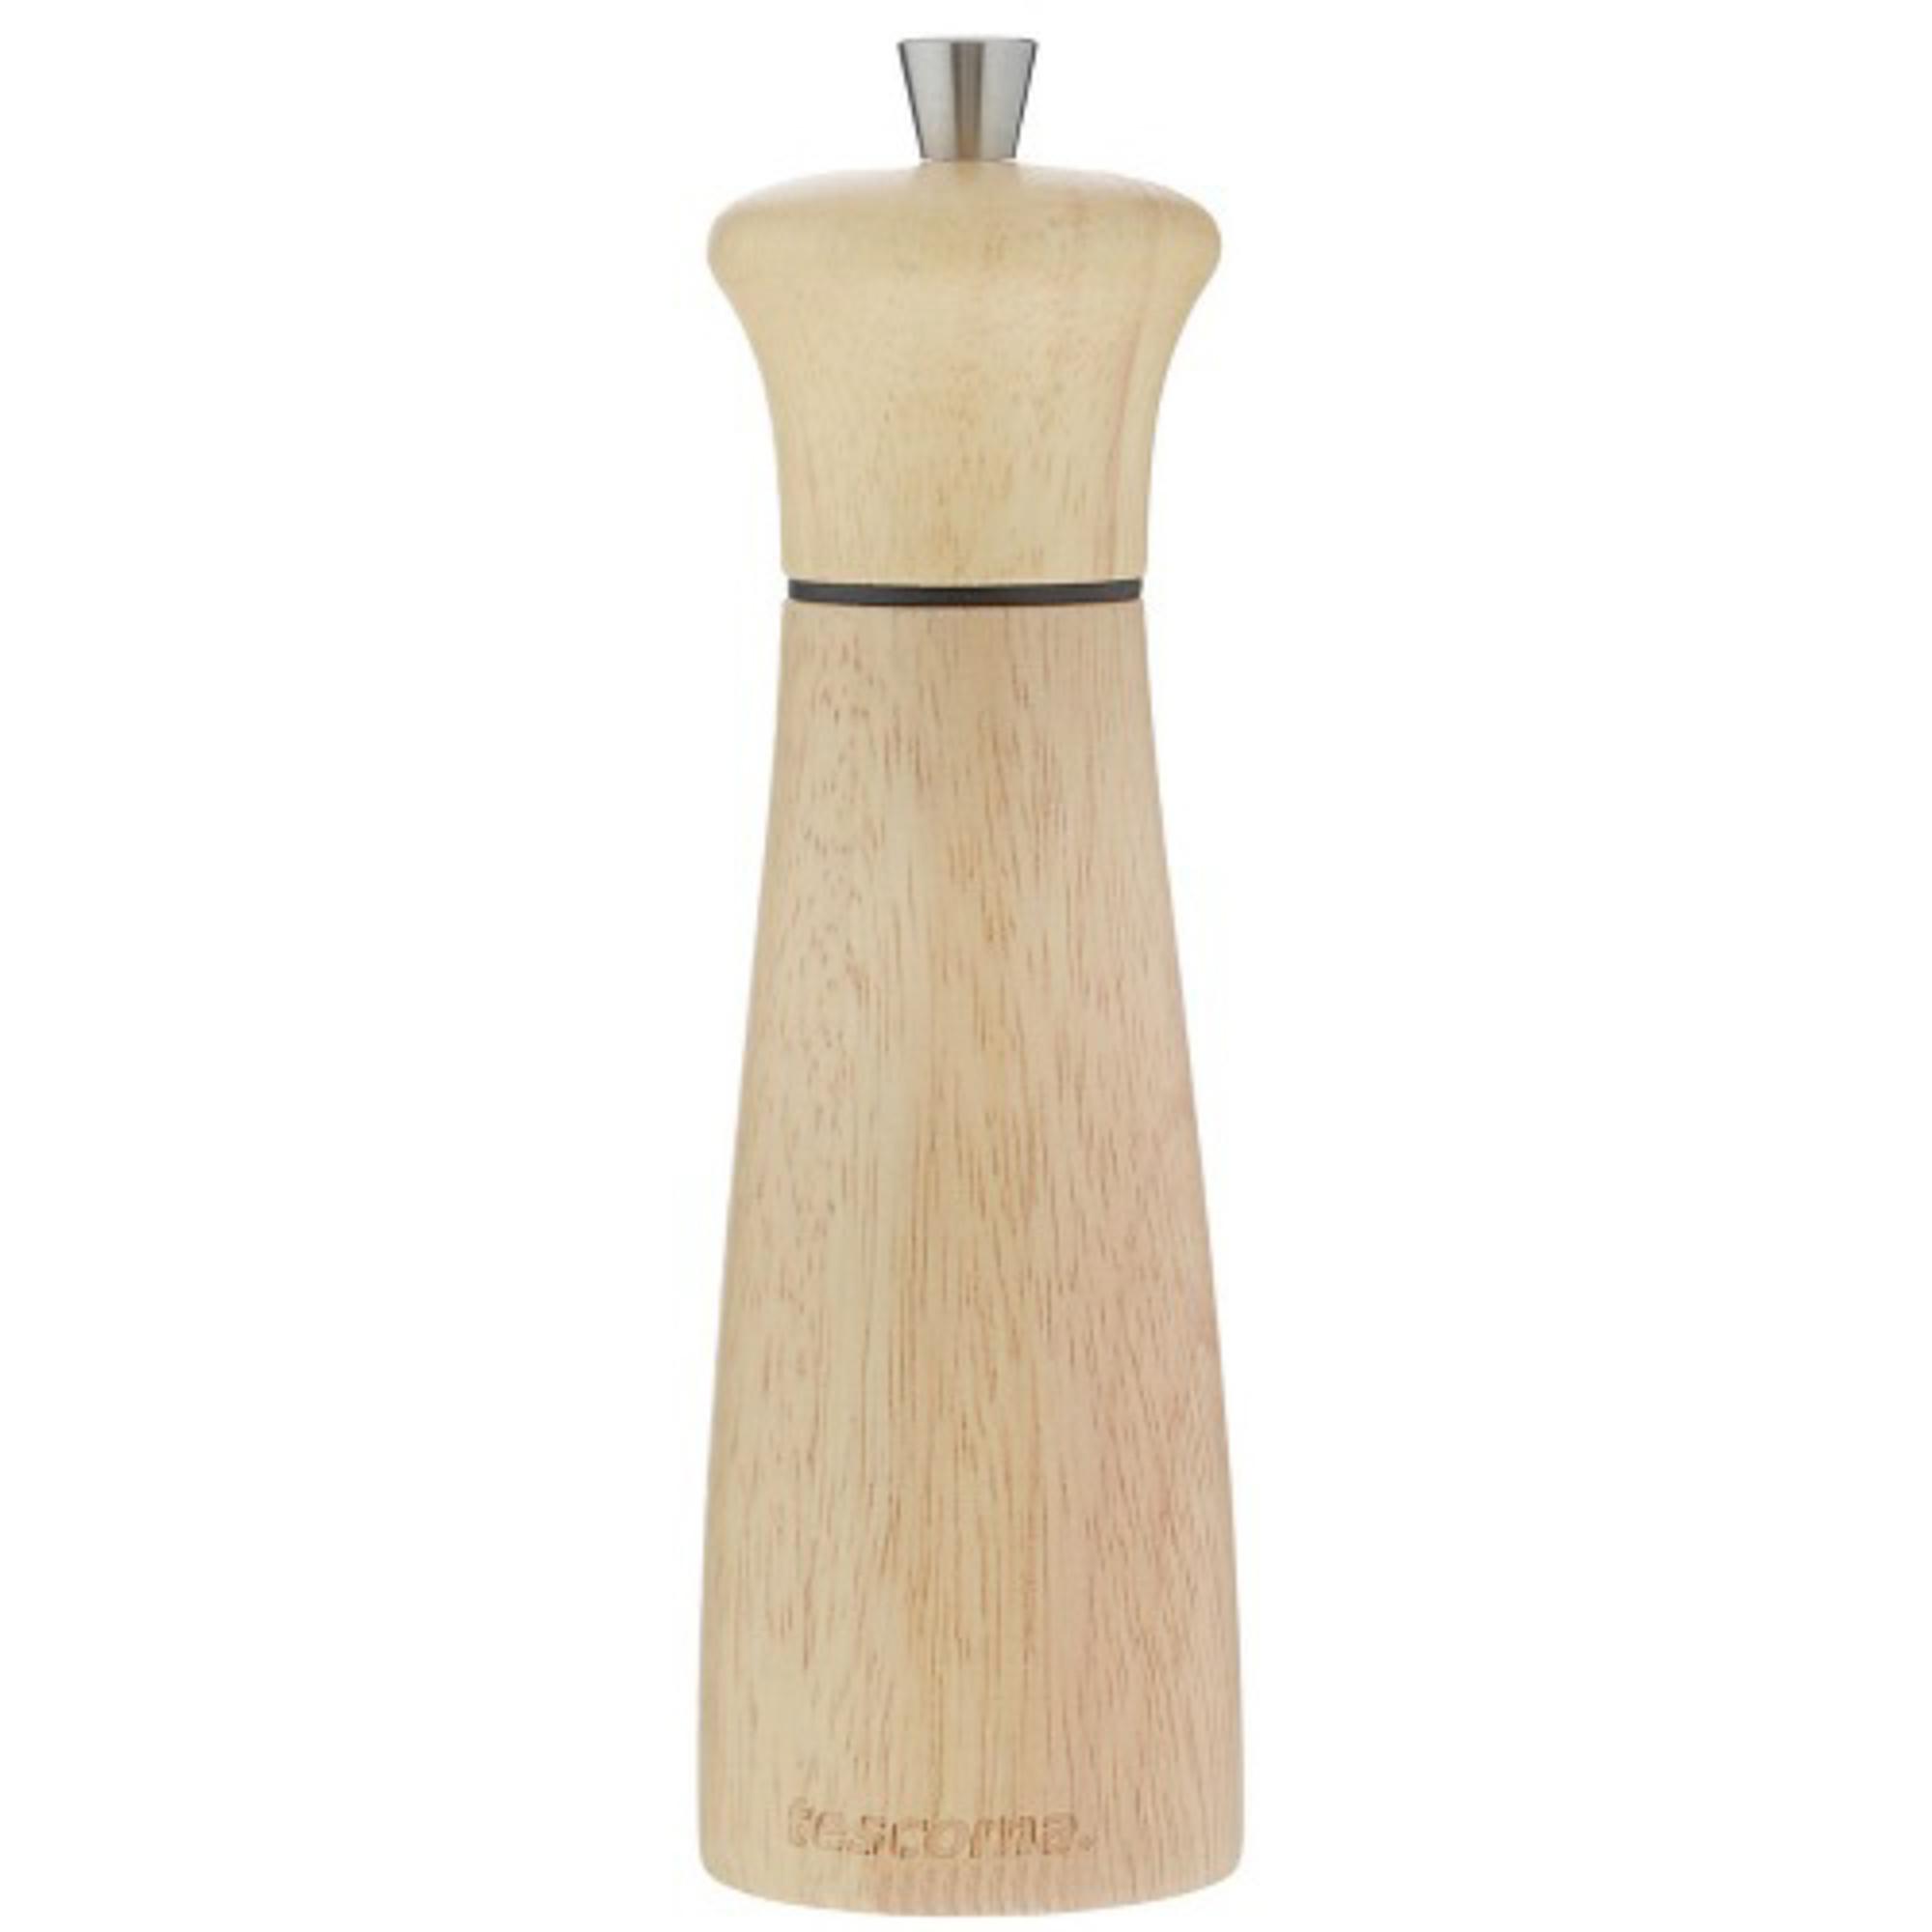 Мельница для перца/соли 24см Tescoma virgo wood недорого